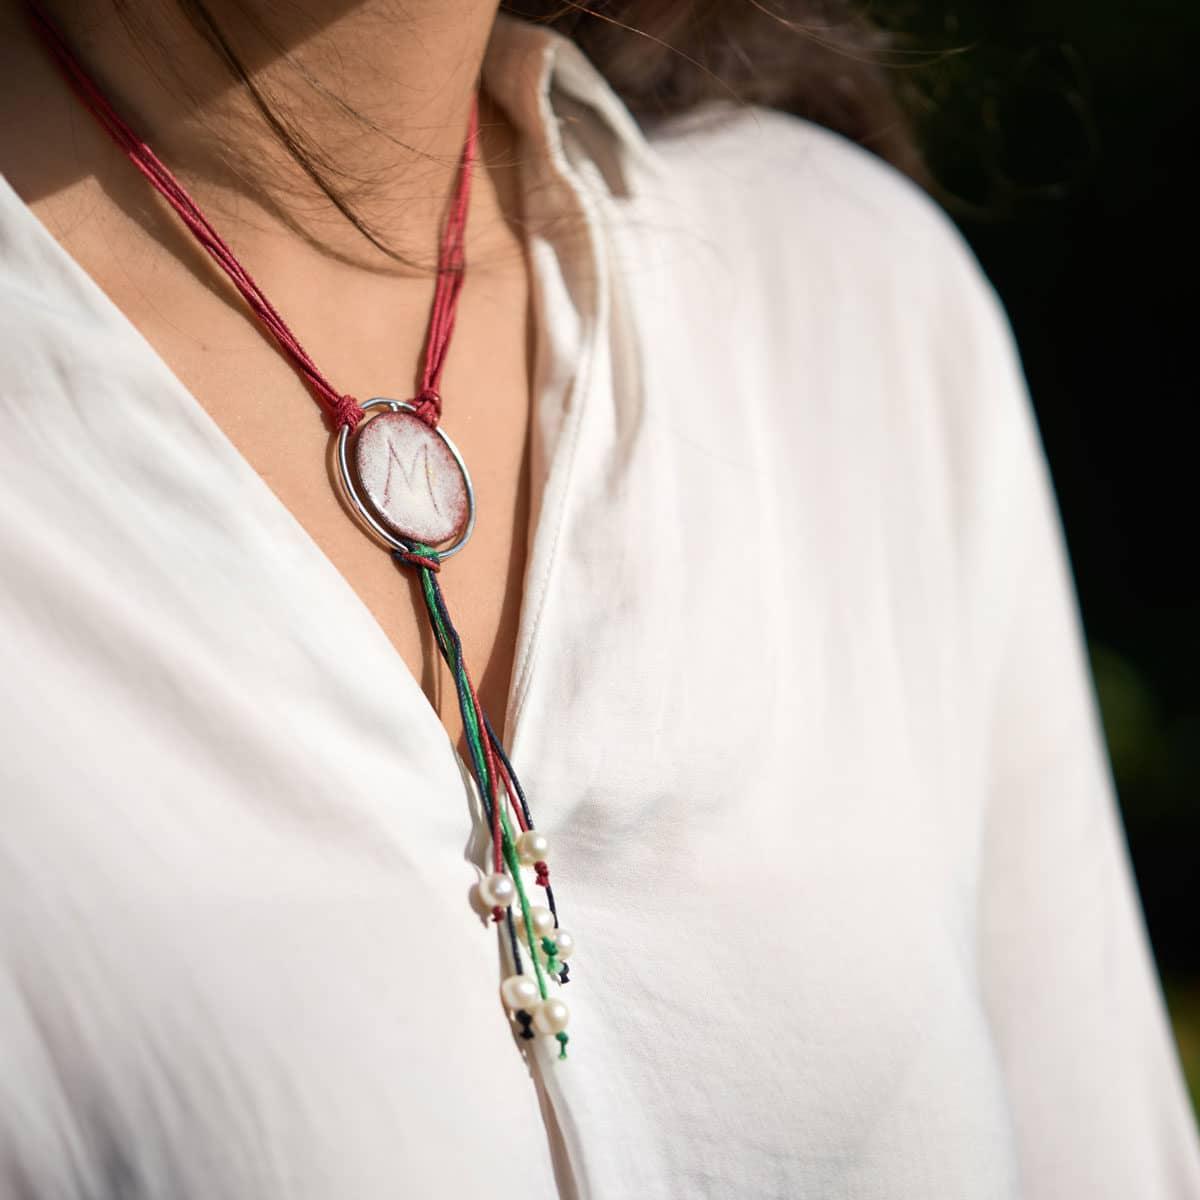 Colgante de diseño modelo Ledicia, plata con esmalte al fuego, Joyas personalizadas. Siliva.